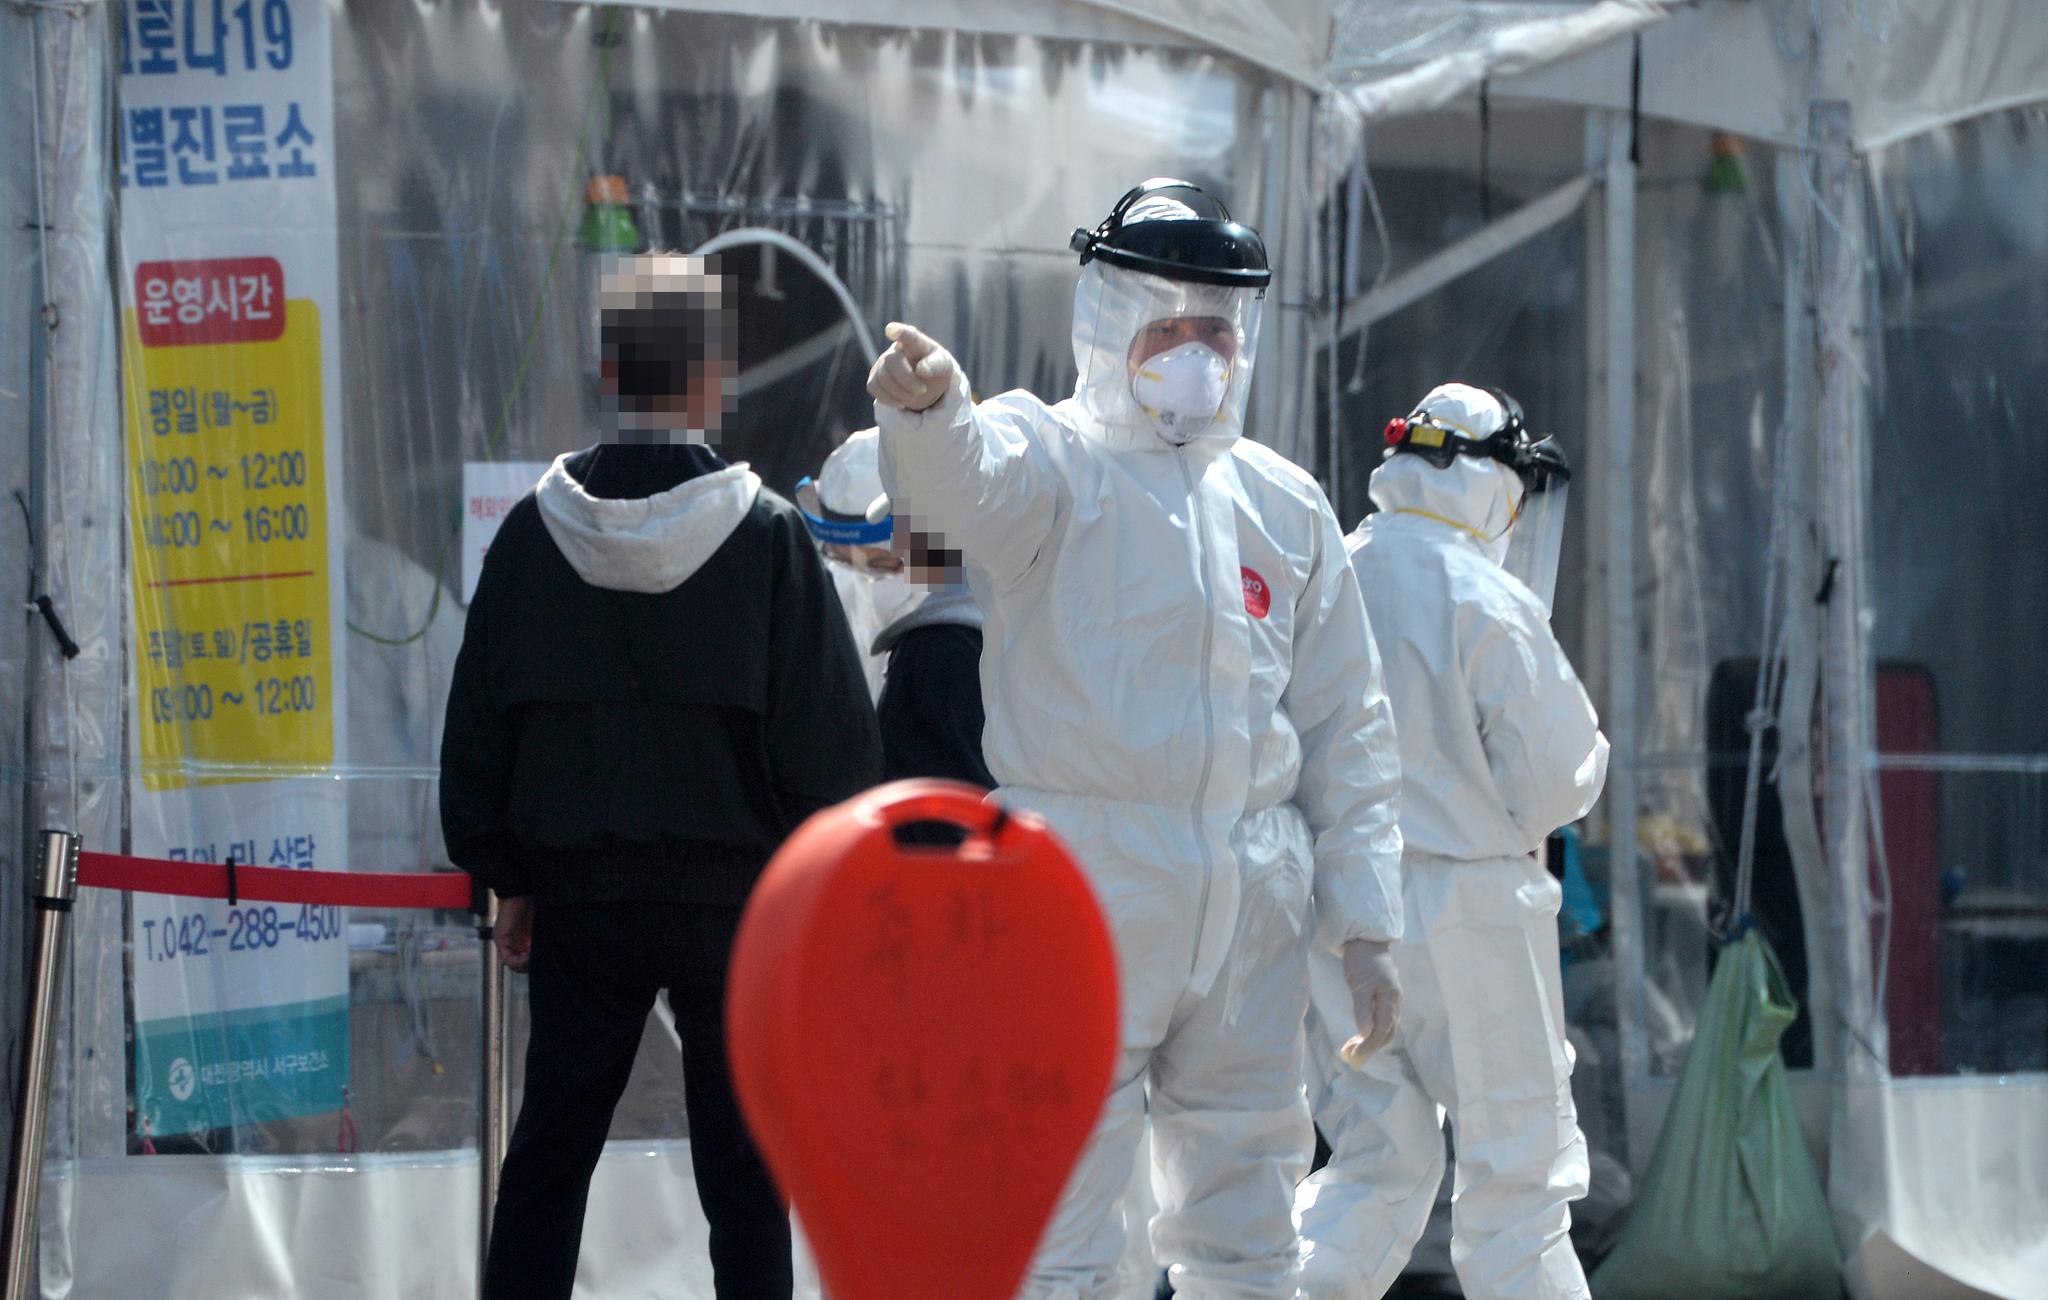 신종 코로나바이러스 감염증(코로나19)이 확산하고 있는 가운데 5일 대전의 한 보건소 코로나19 선별진료소에서 의료진들이 방문한 시민들을 검사하고 있다. 중앙포토